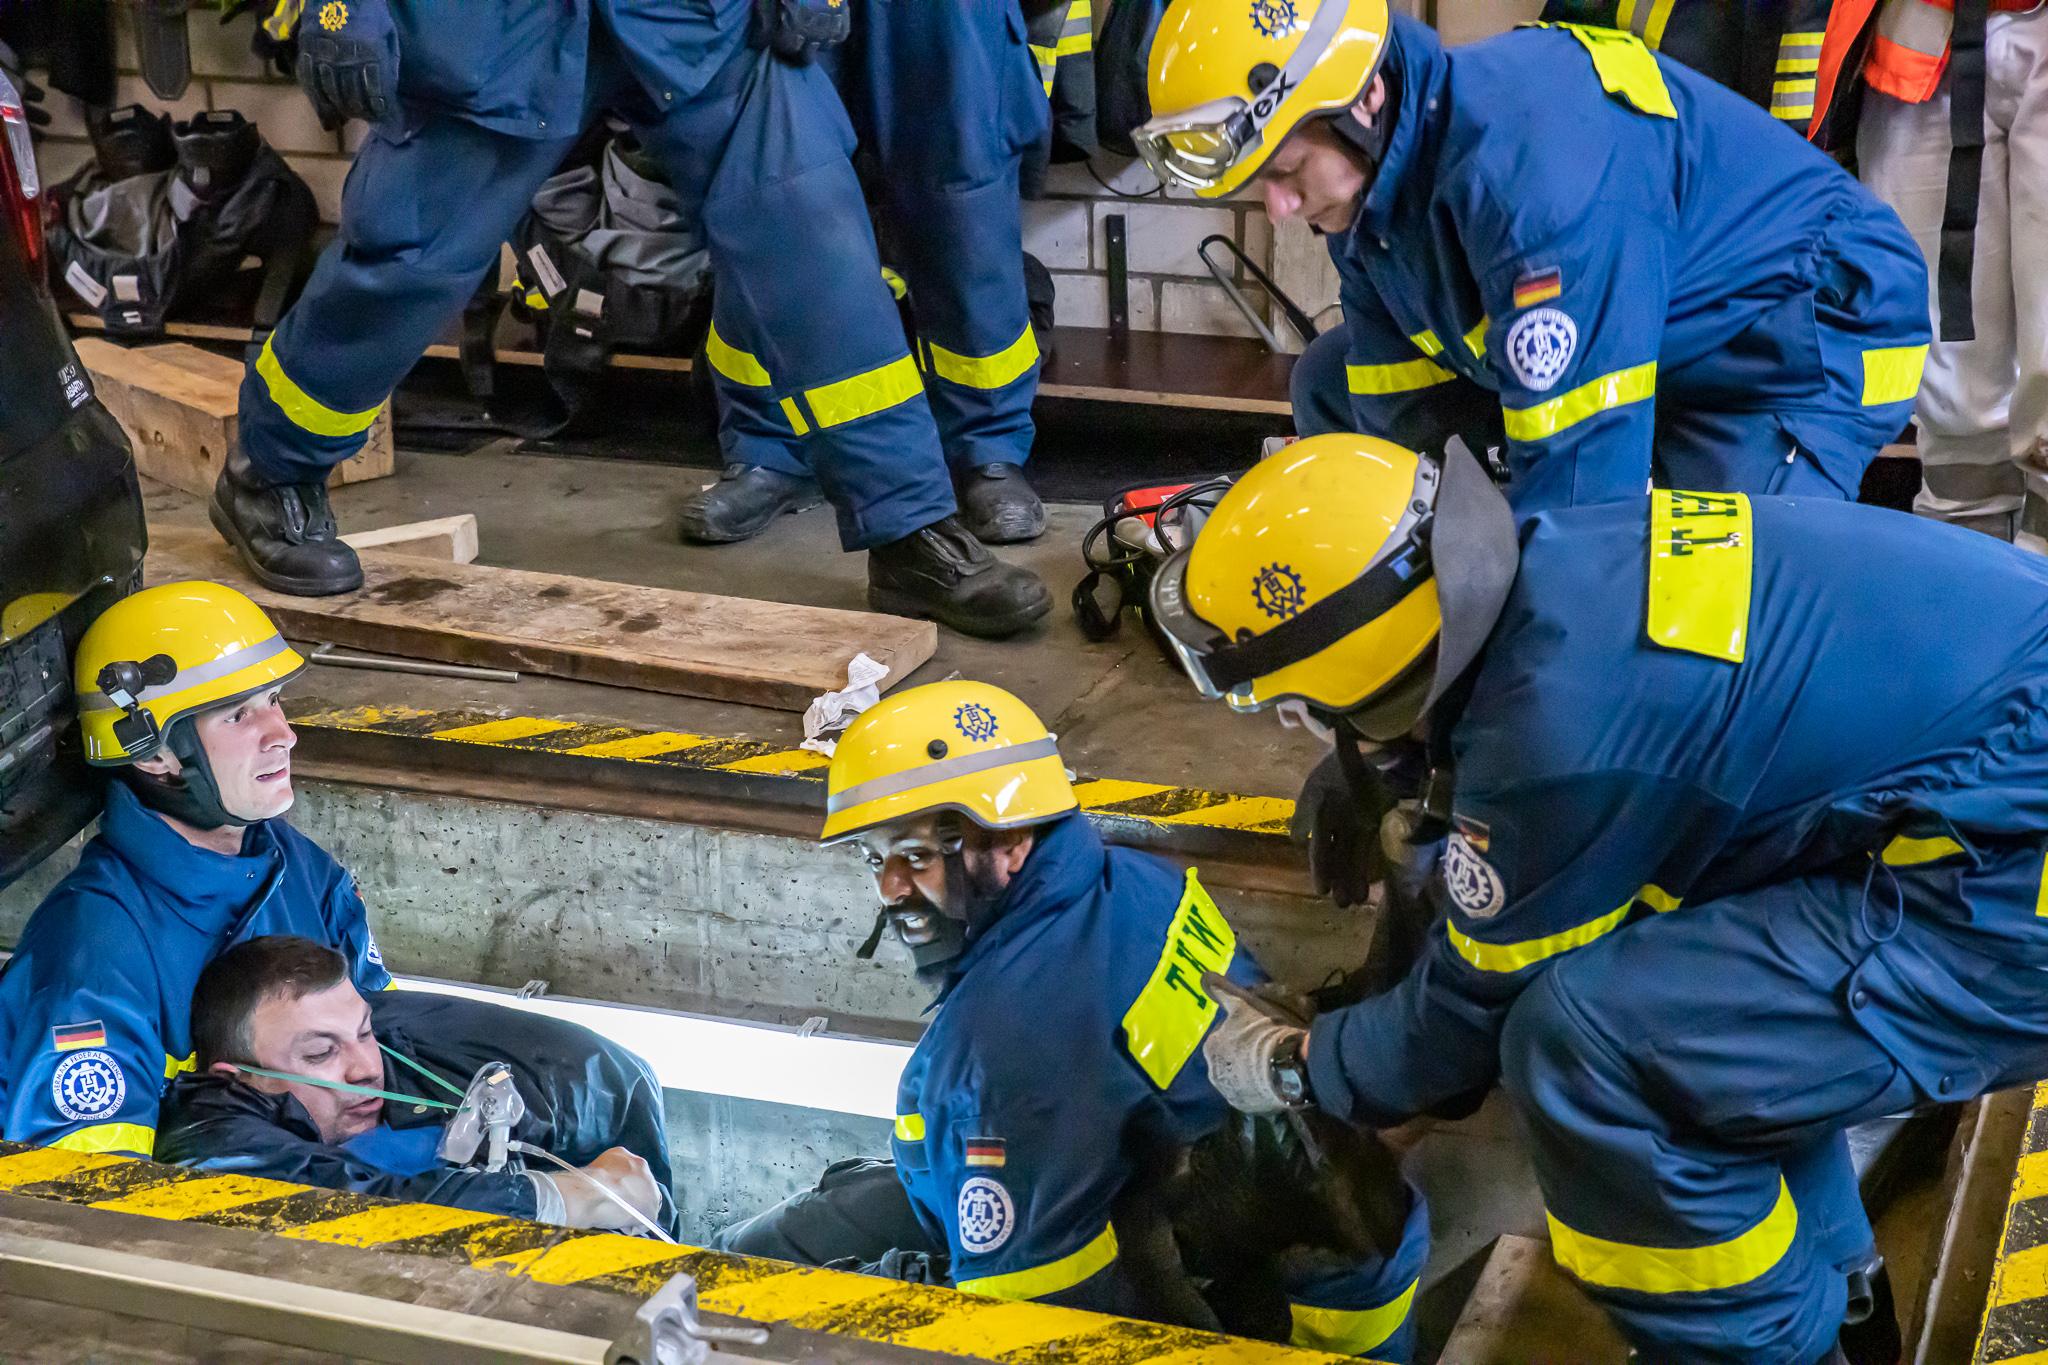 FeuerwehrSim 2019 Werkstatt-11